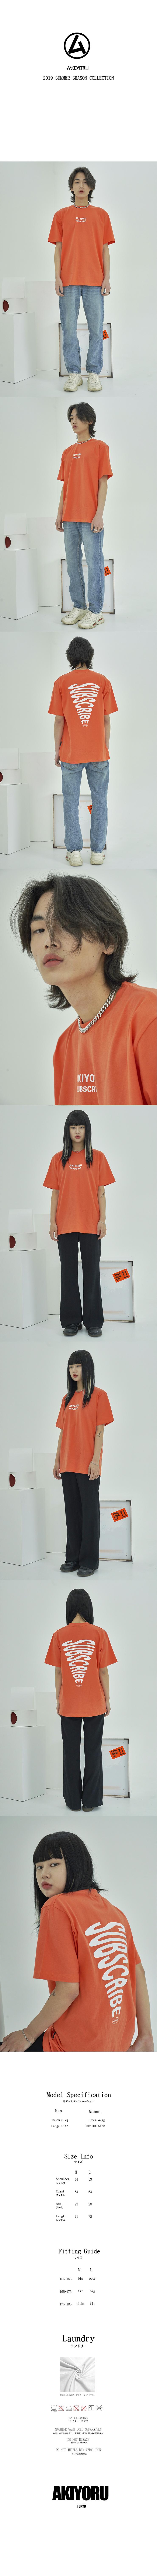 아키요루(AKIYORU) 크리브 반팔티 (오렌지)